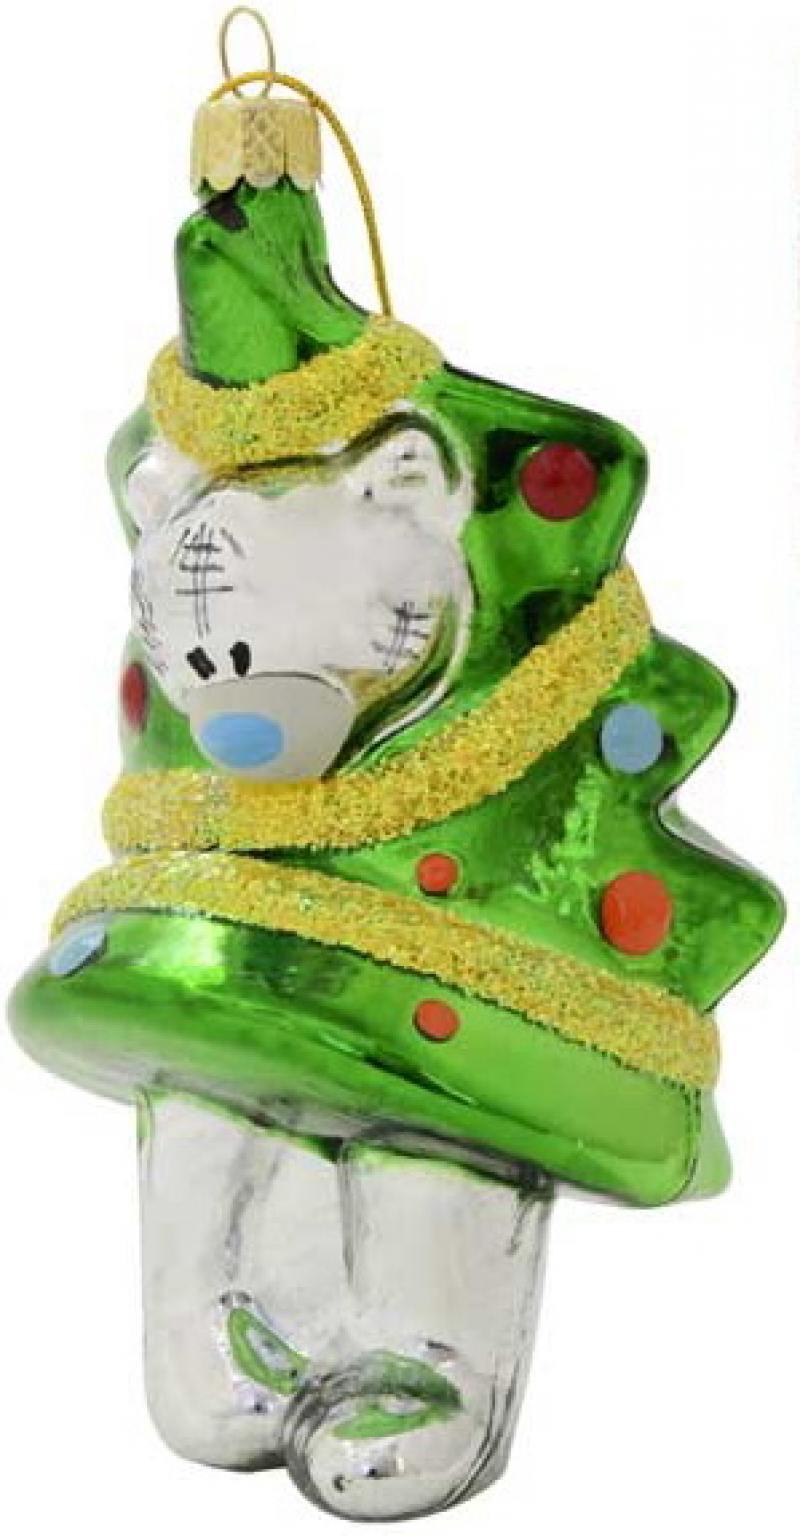 Игрушка елочная Me to you Мишка Тедди, стекло, 11см, в подар.кор. магниты me to you мишка тедди 20х28 см